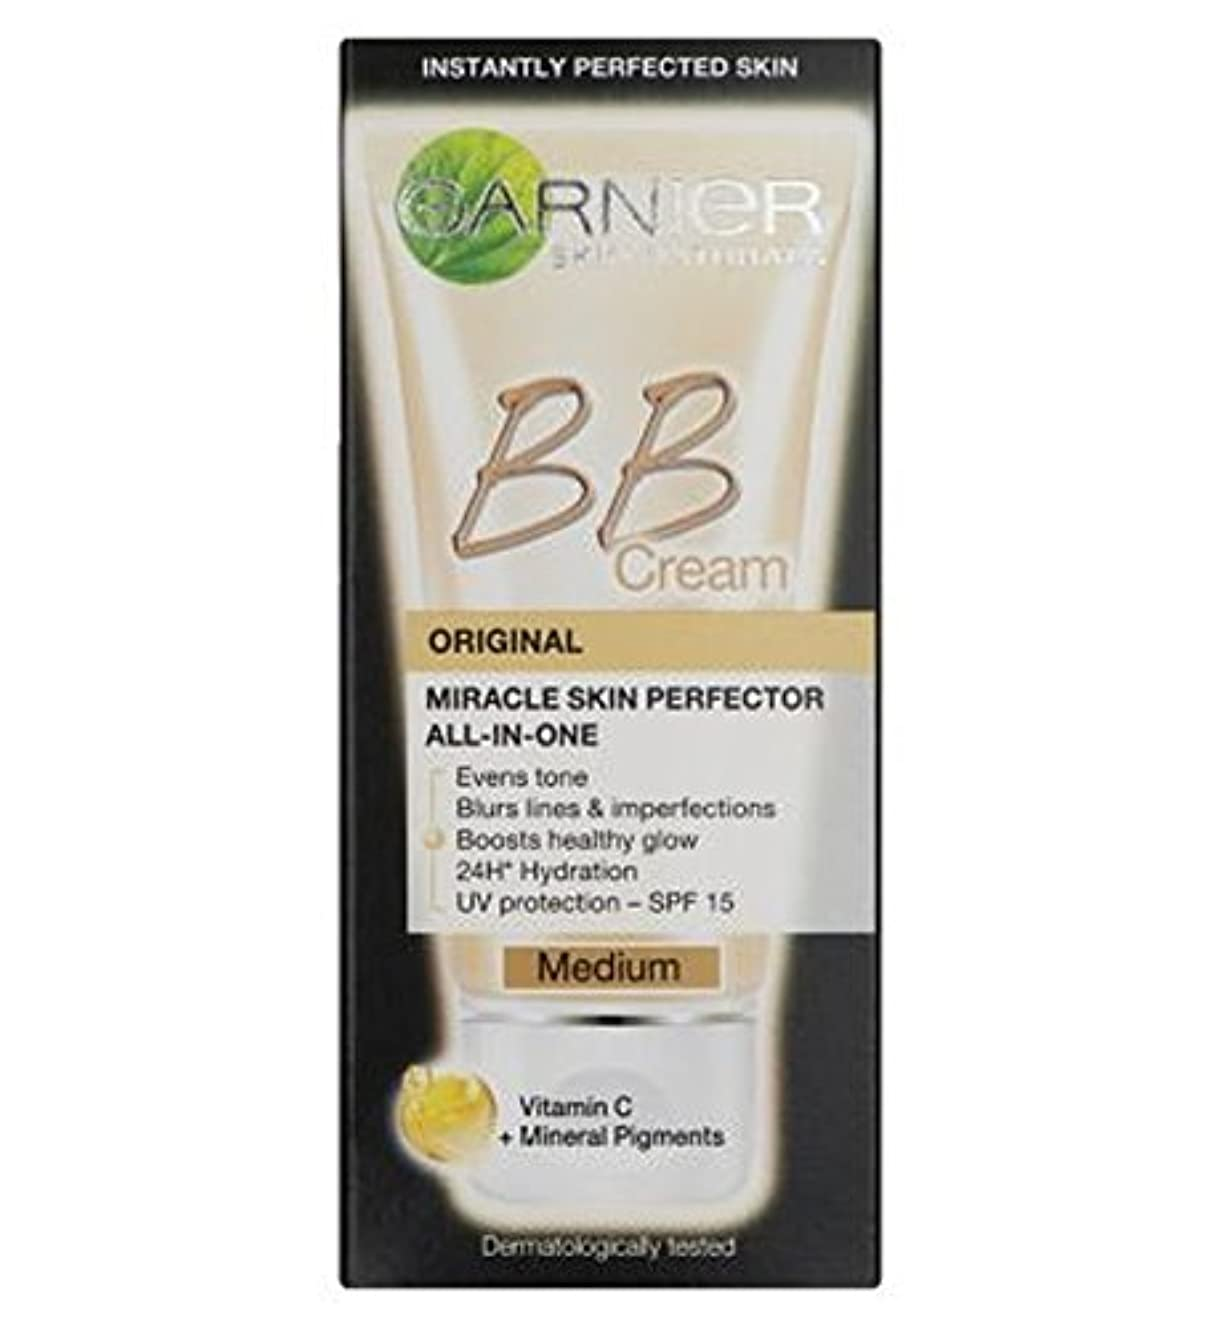 フラッシュのように素早く定刻薬局Garnier Skin Perfector Daily All-In-One B.B. Blemish Balm Cream Medium 50ml - 毎日オールインワンB.B.ガルニエスキンパーフェク傷バームクリーム...